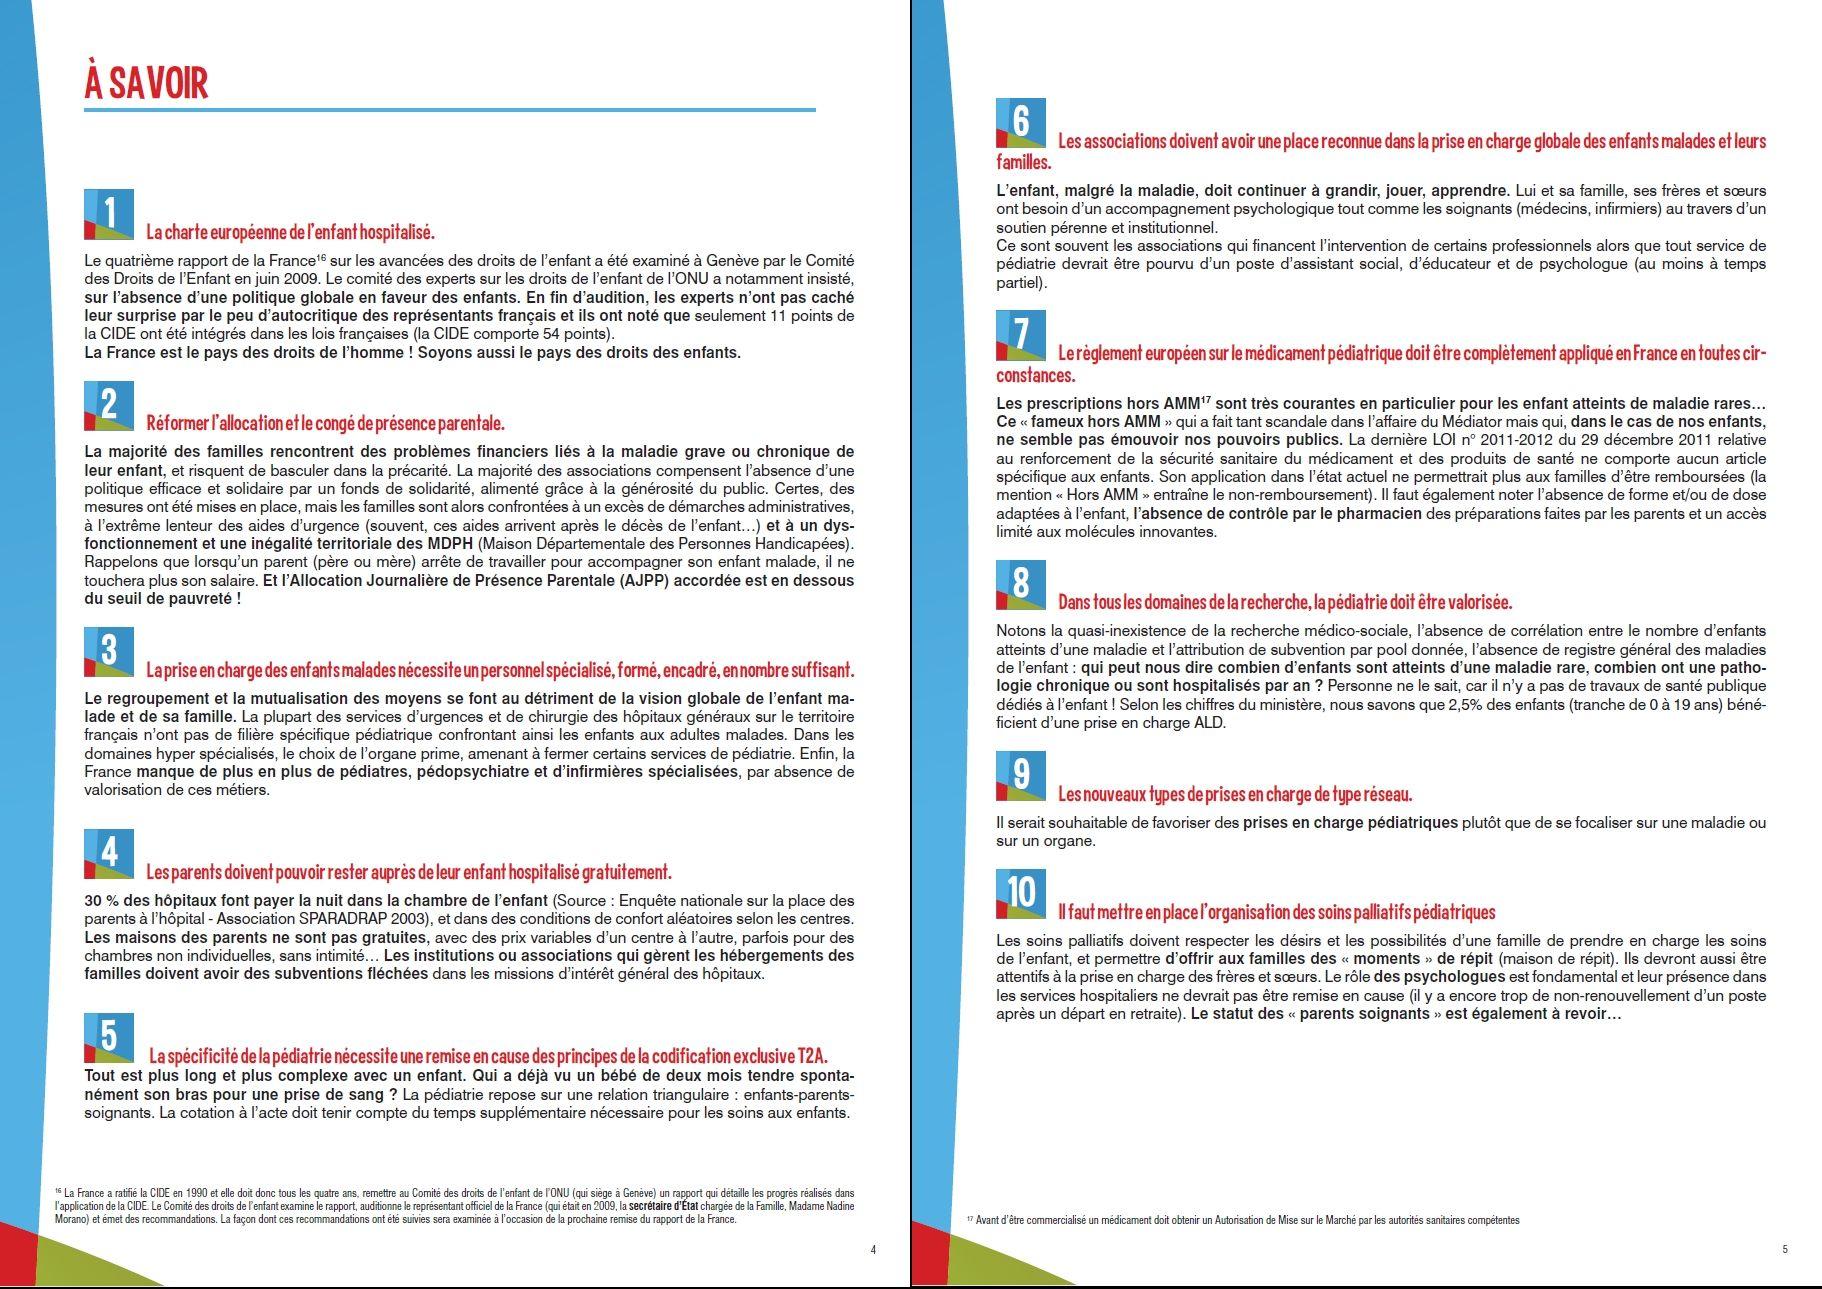 Droitsenfantsmalades Les 10 Propositions Du Manifeste Des